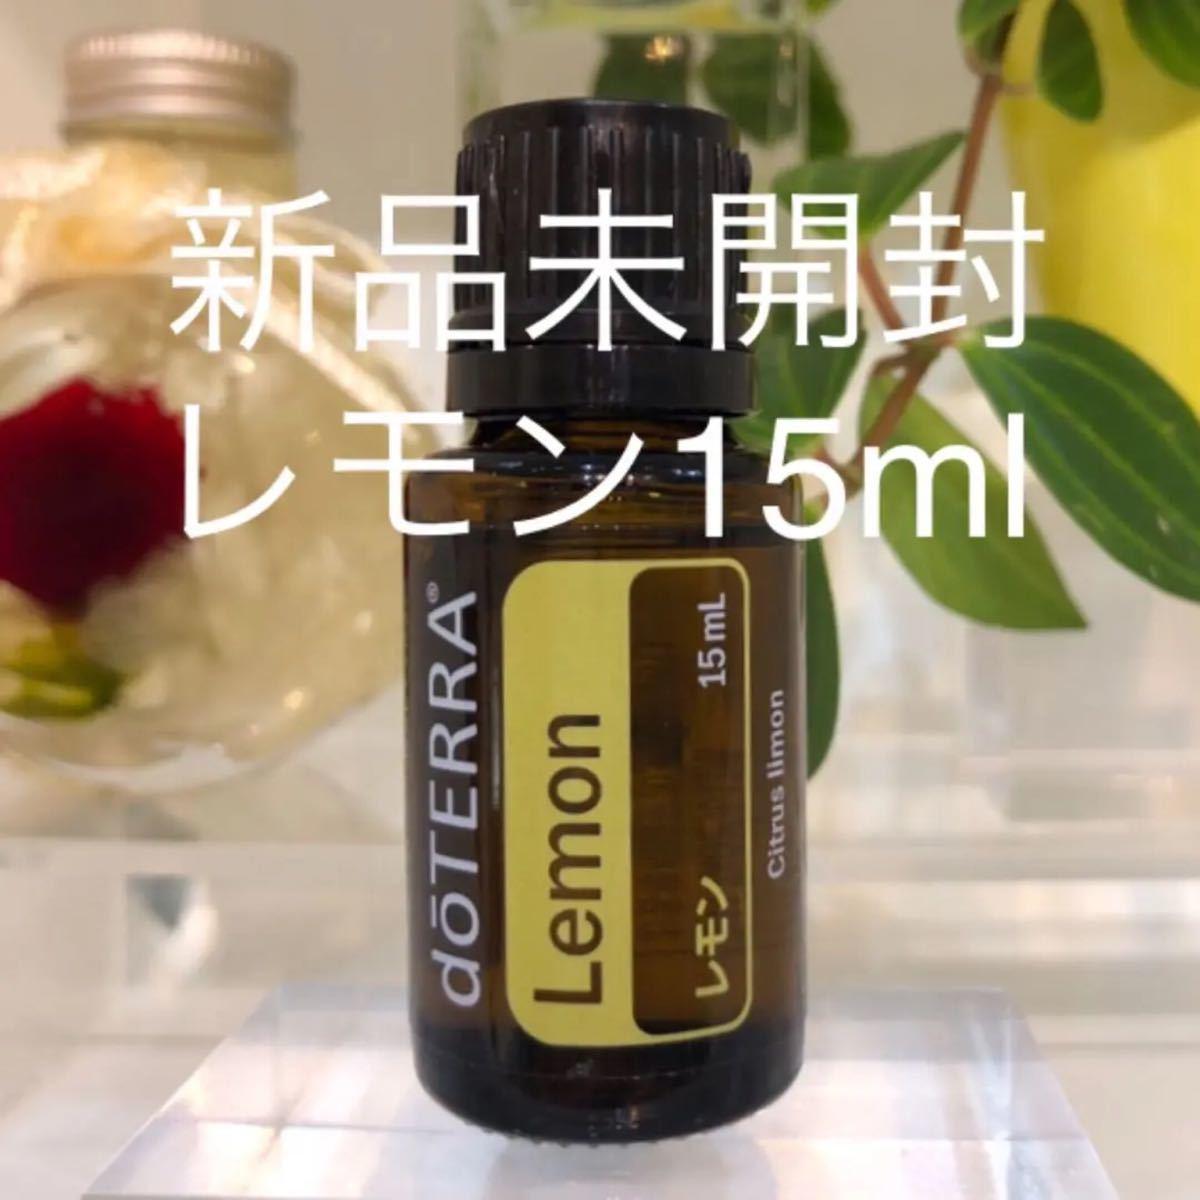 ドテラ レモン 15ml ★正規品★新品未開封★